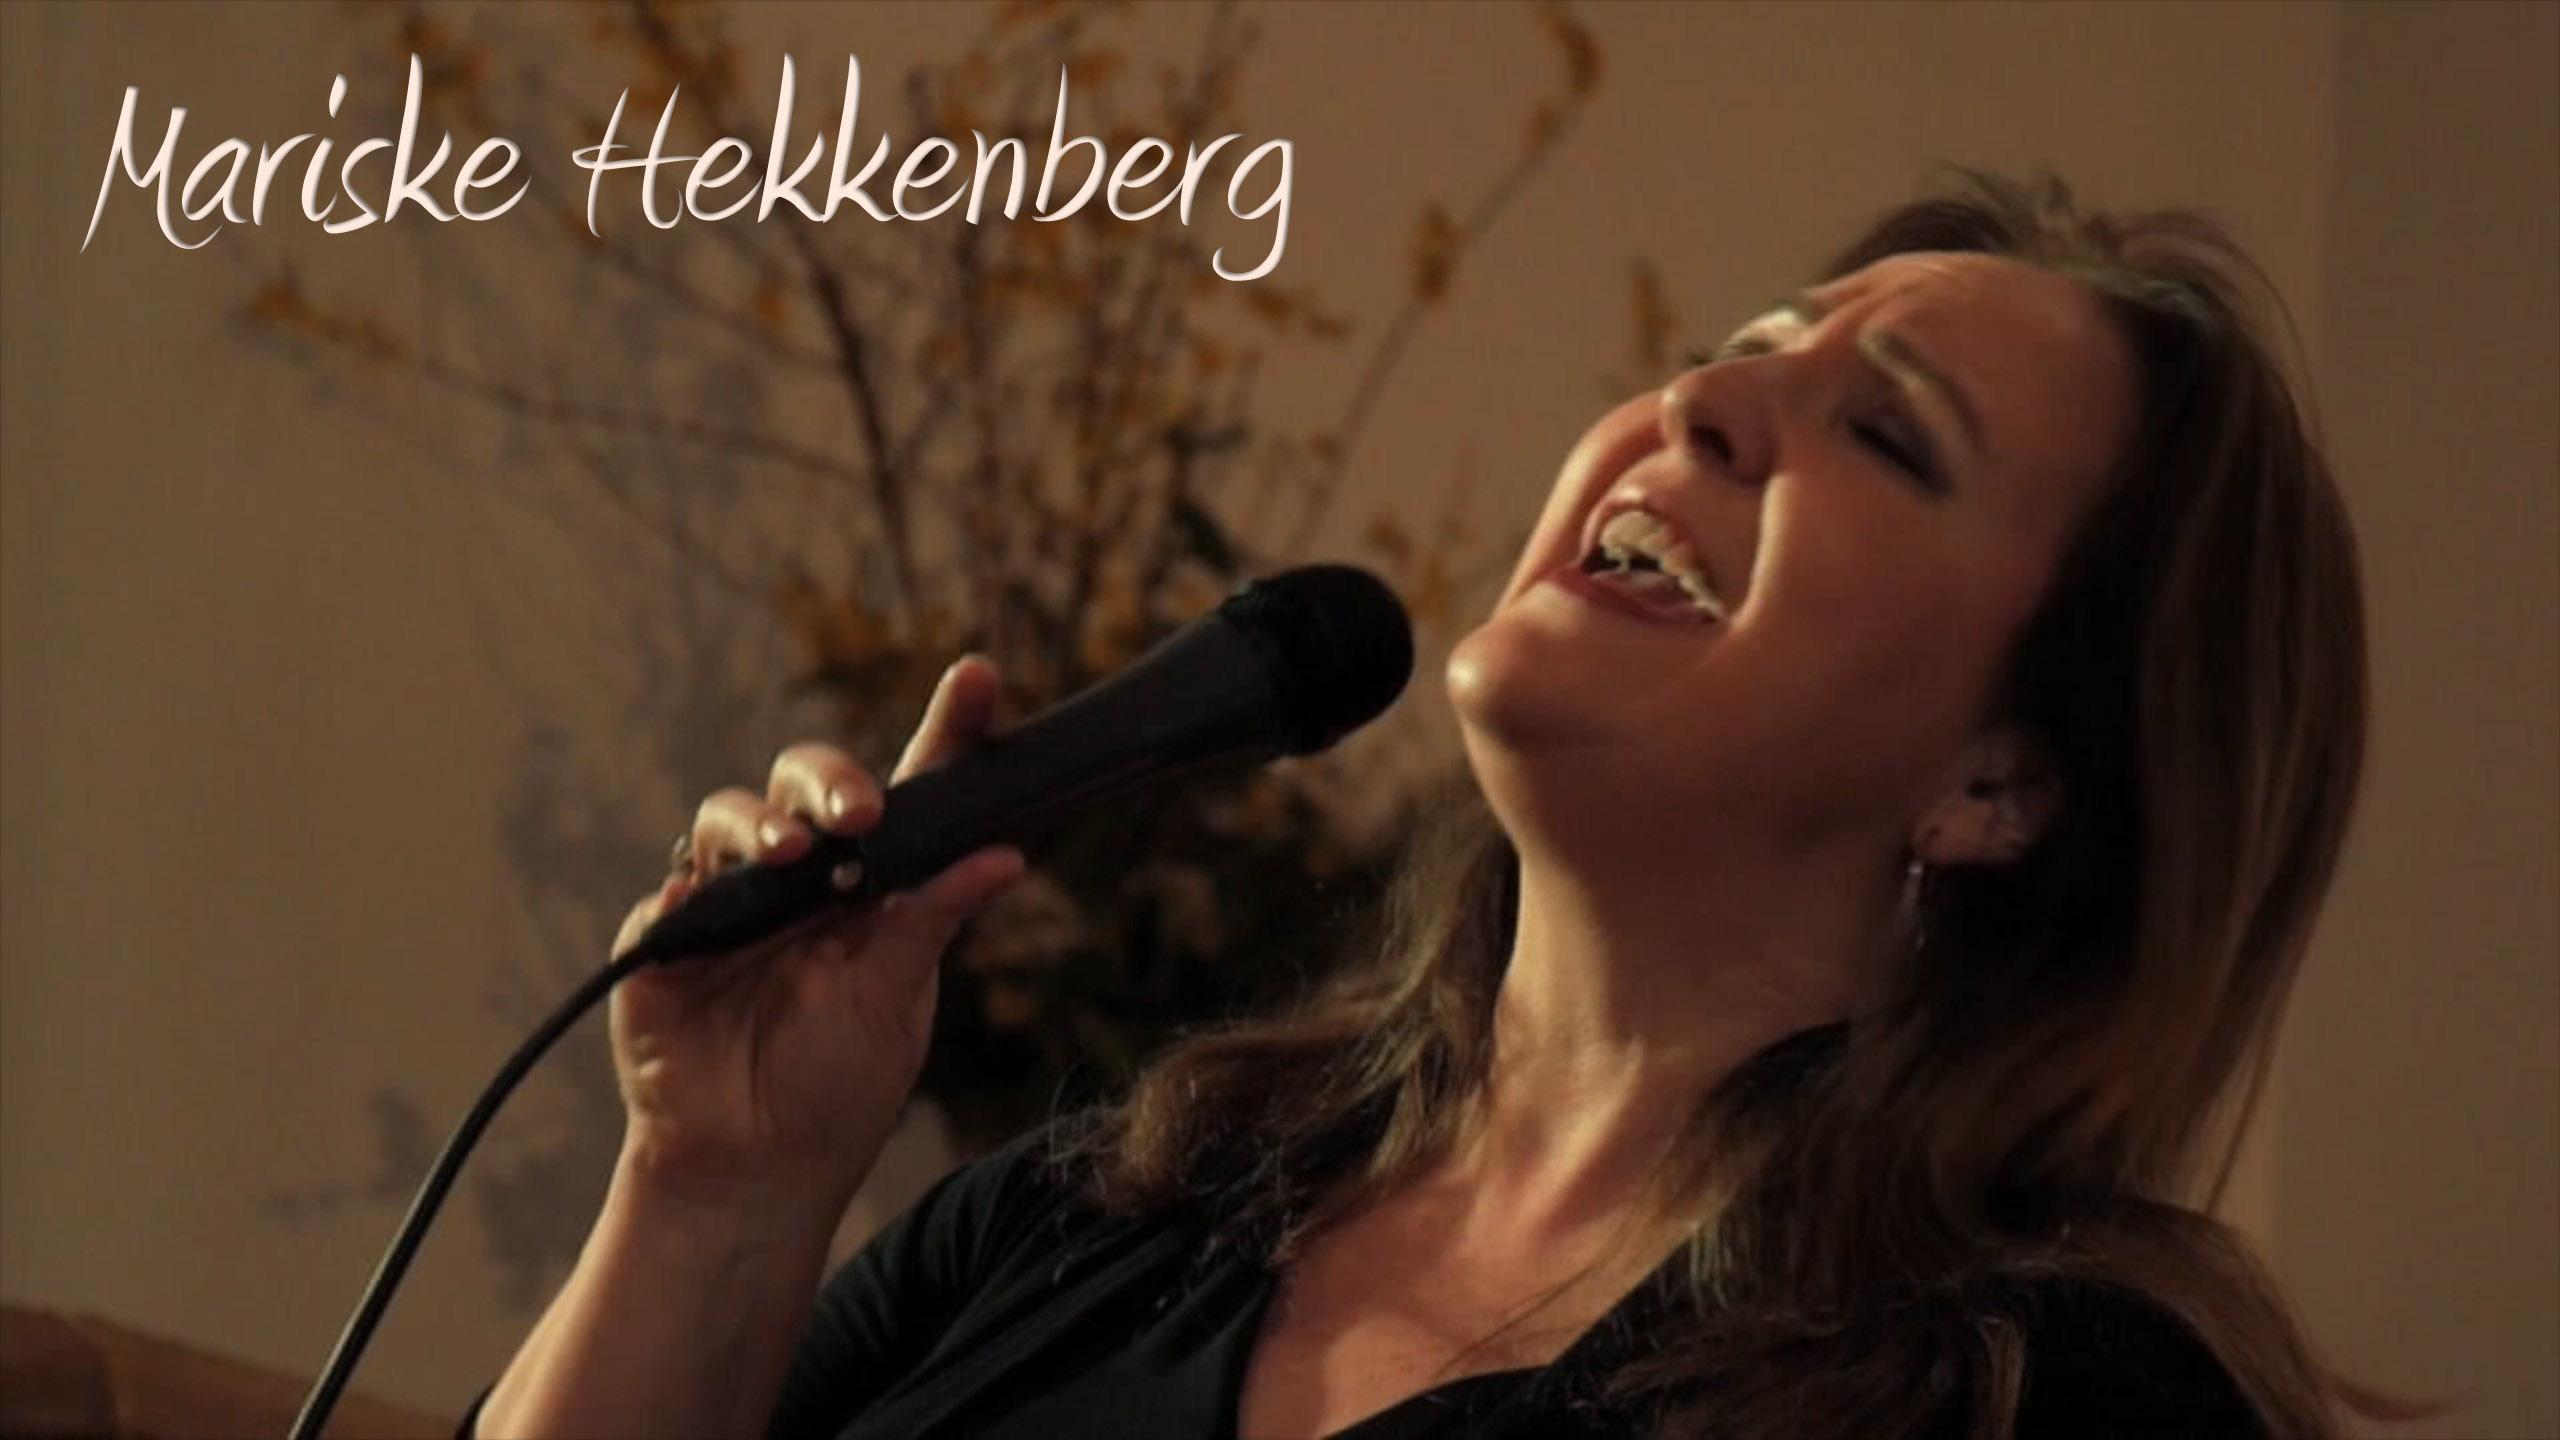 Mariske Hekkenberg